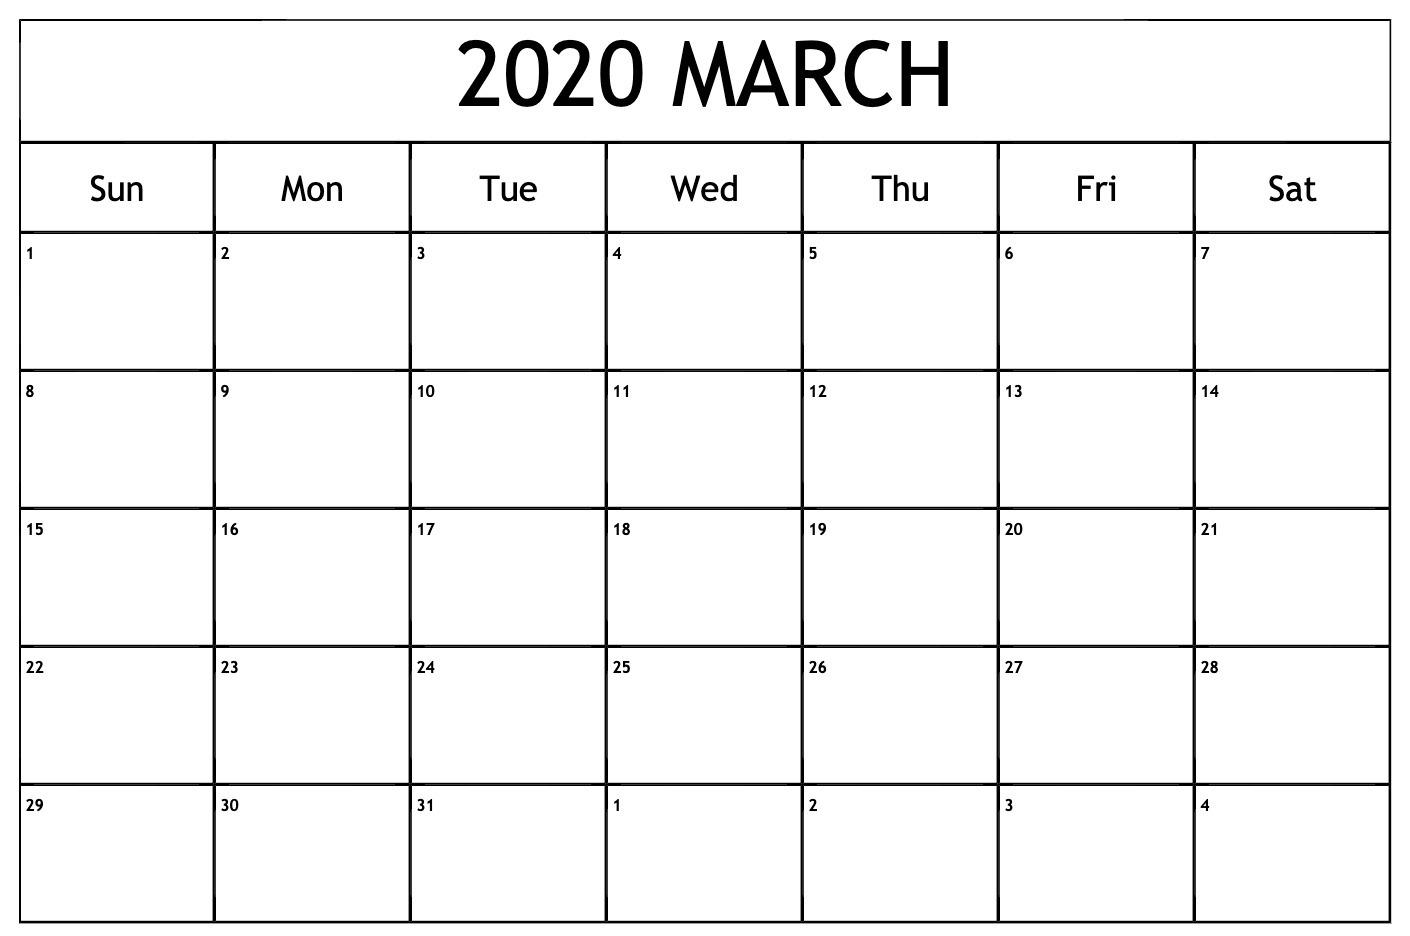 2020 March Blank Calendar